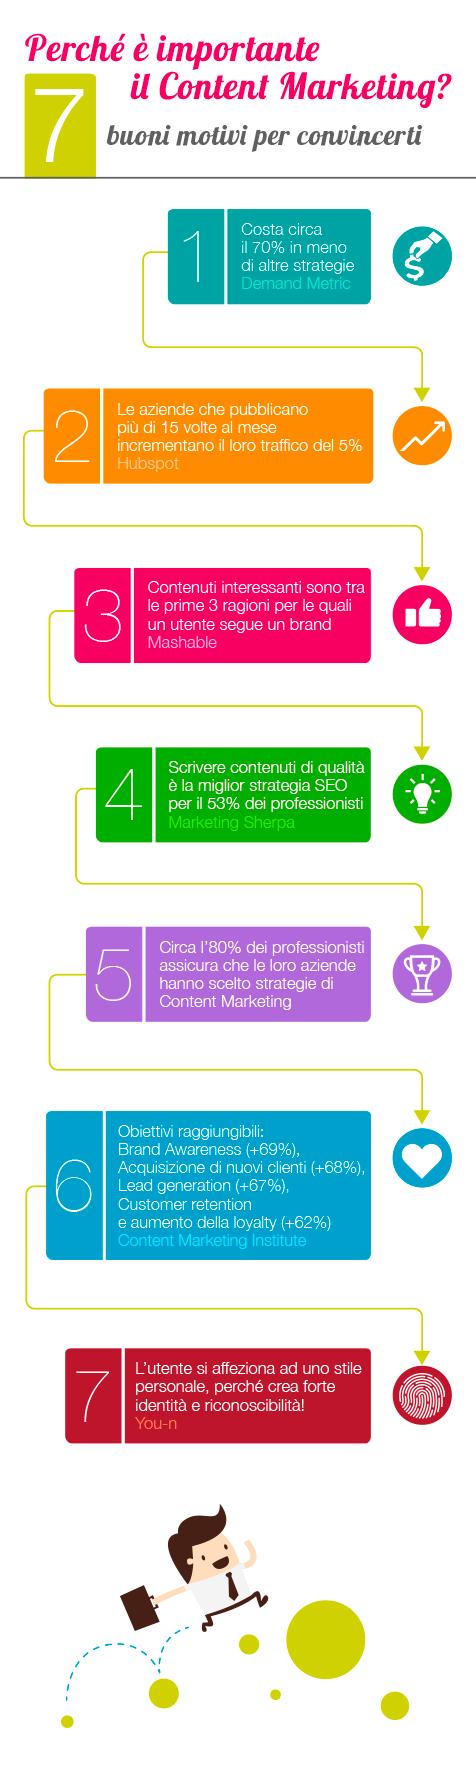 Infografica sul perché è importante una strategia di content marketing